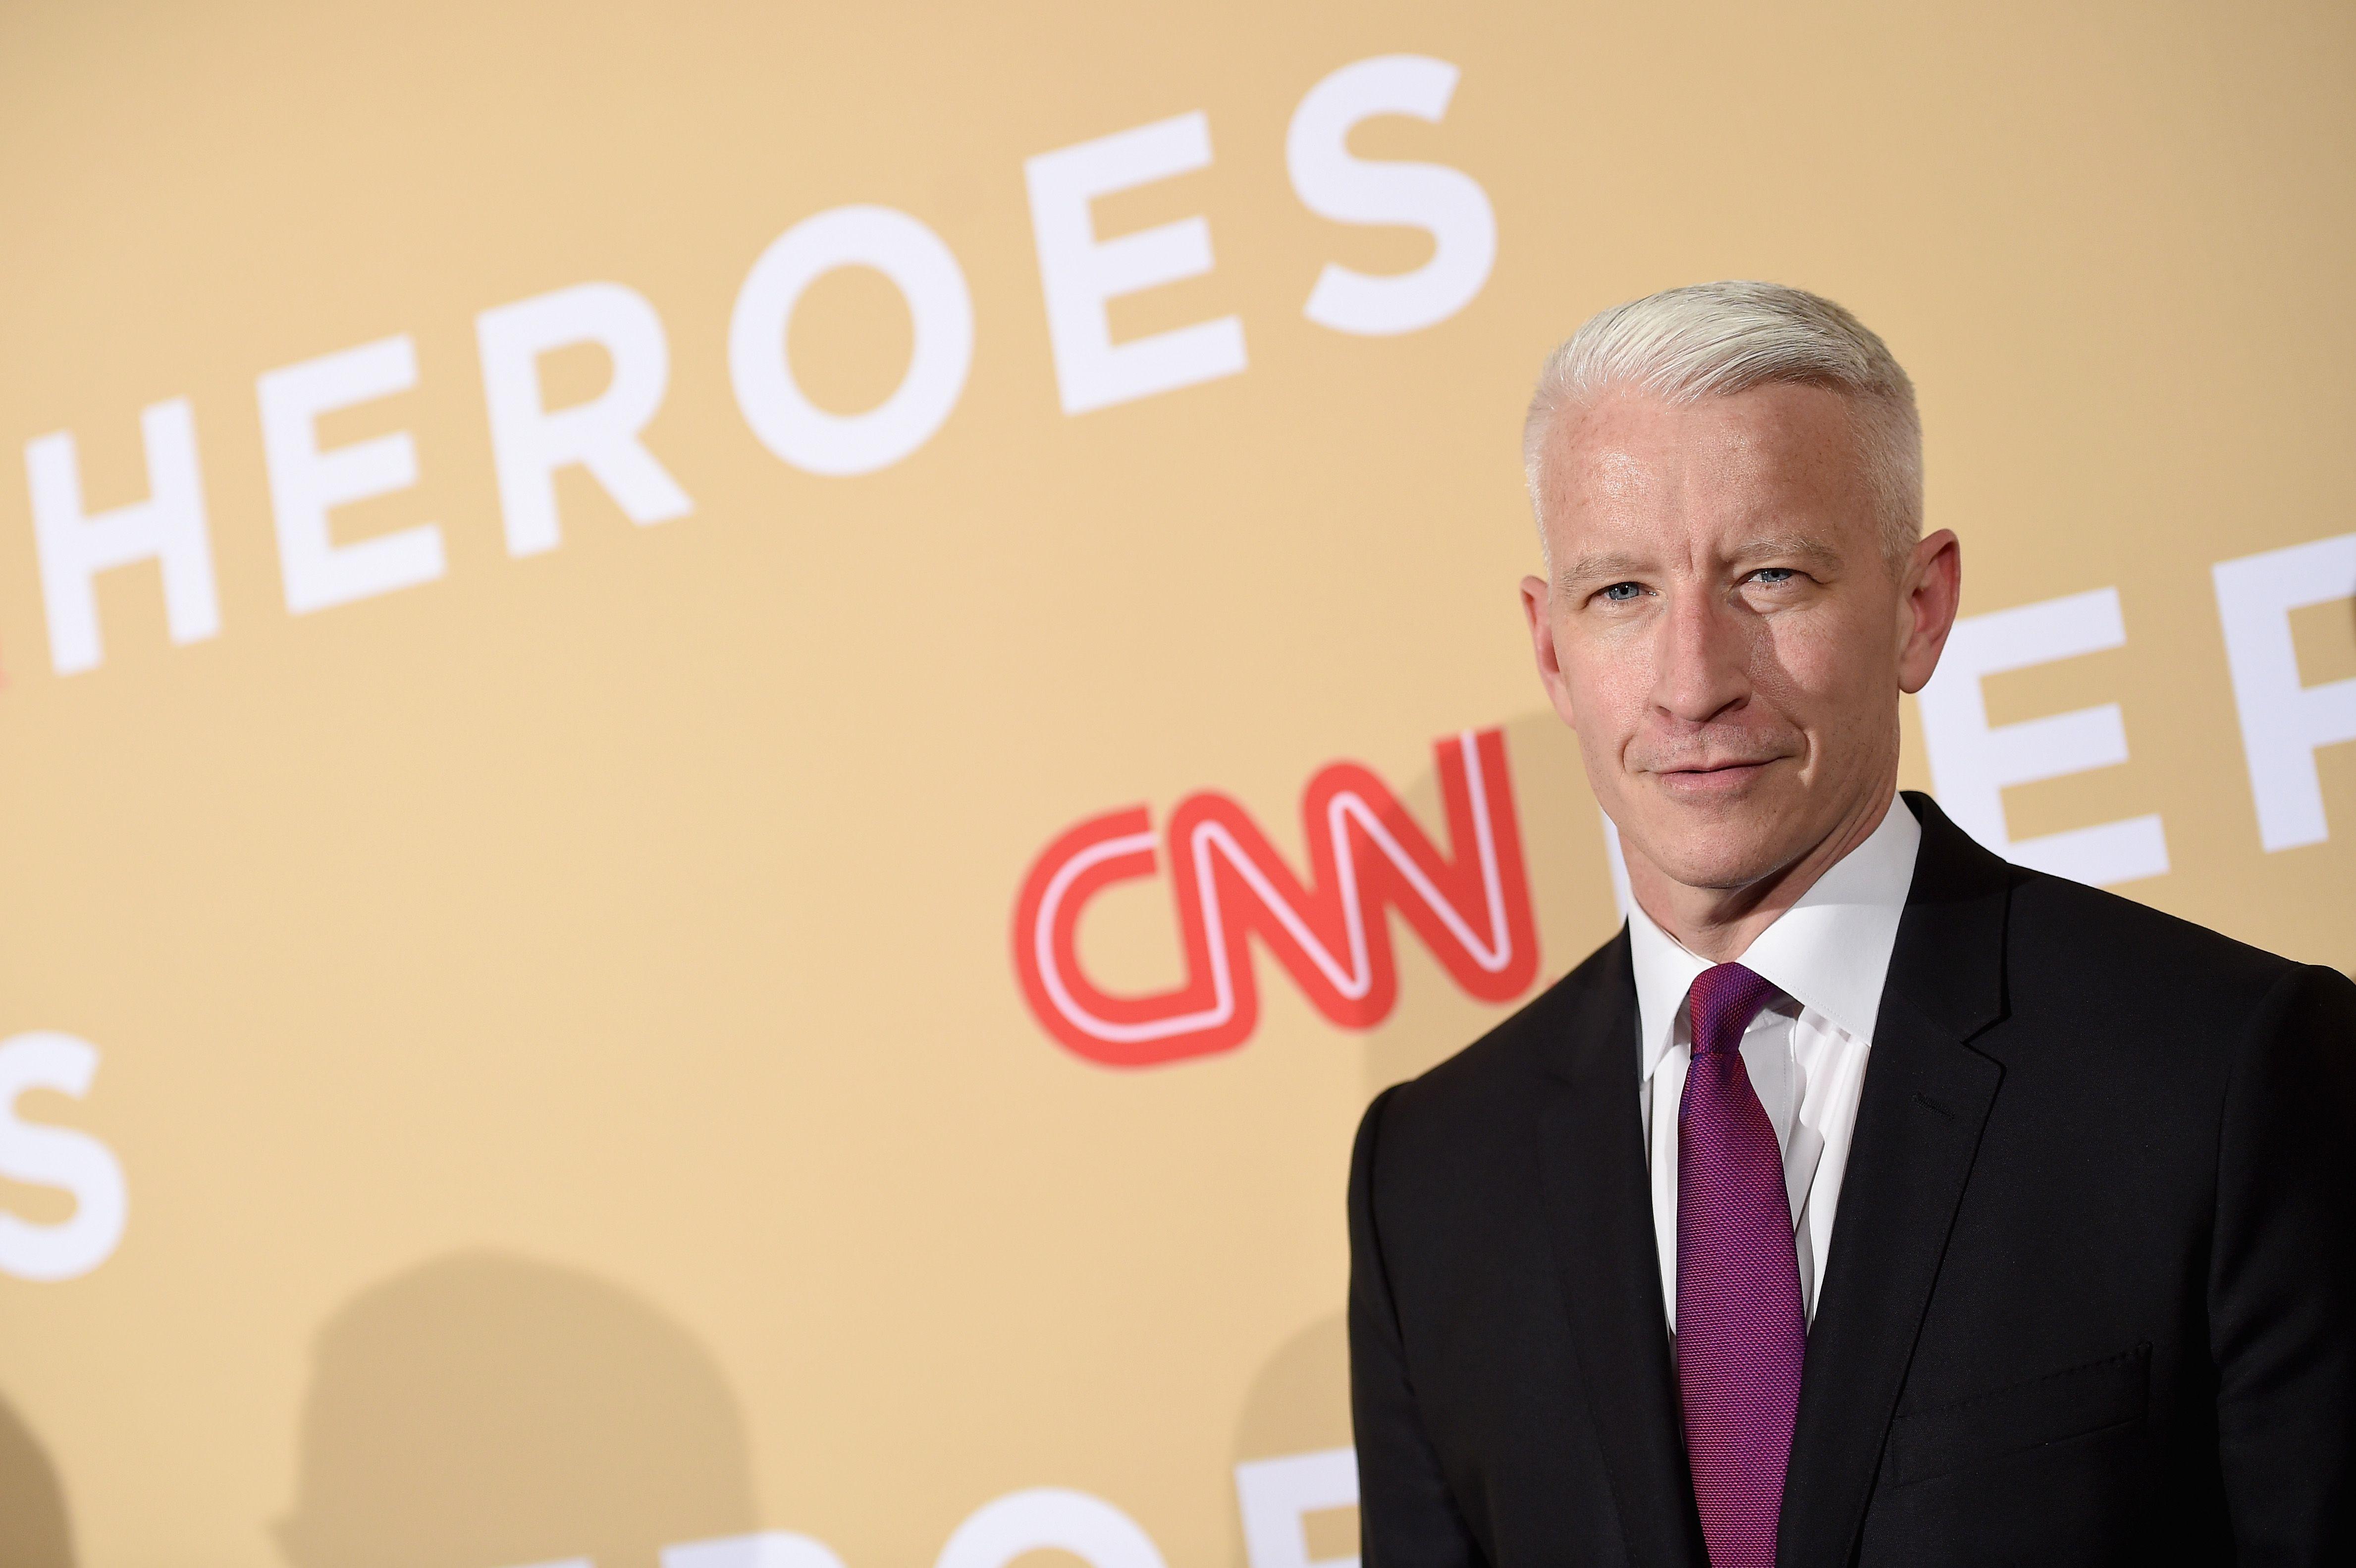 Anderson Cooper Net Worth 2019 - How Much the Vanderbilt